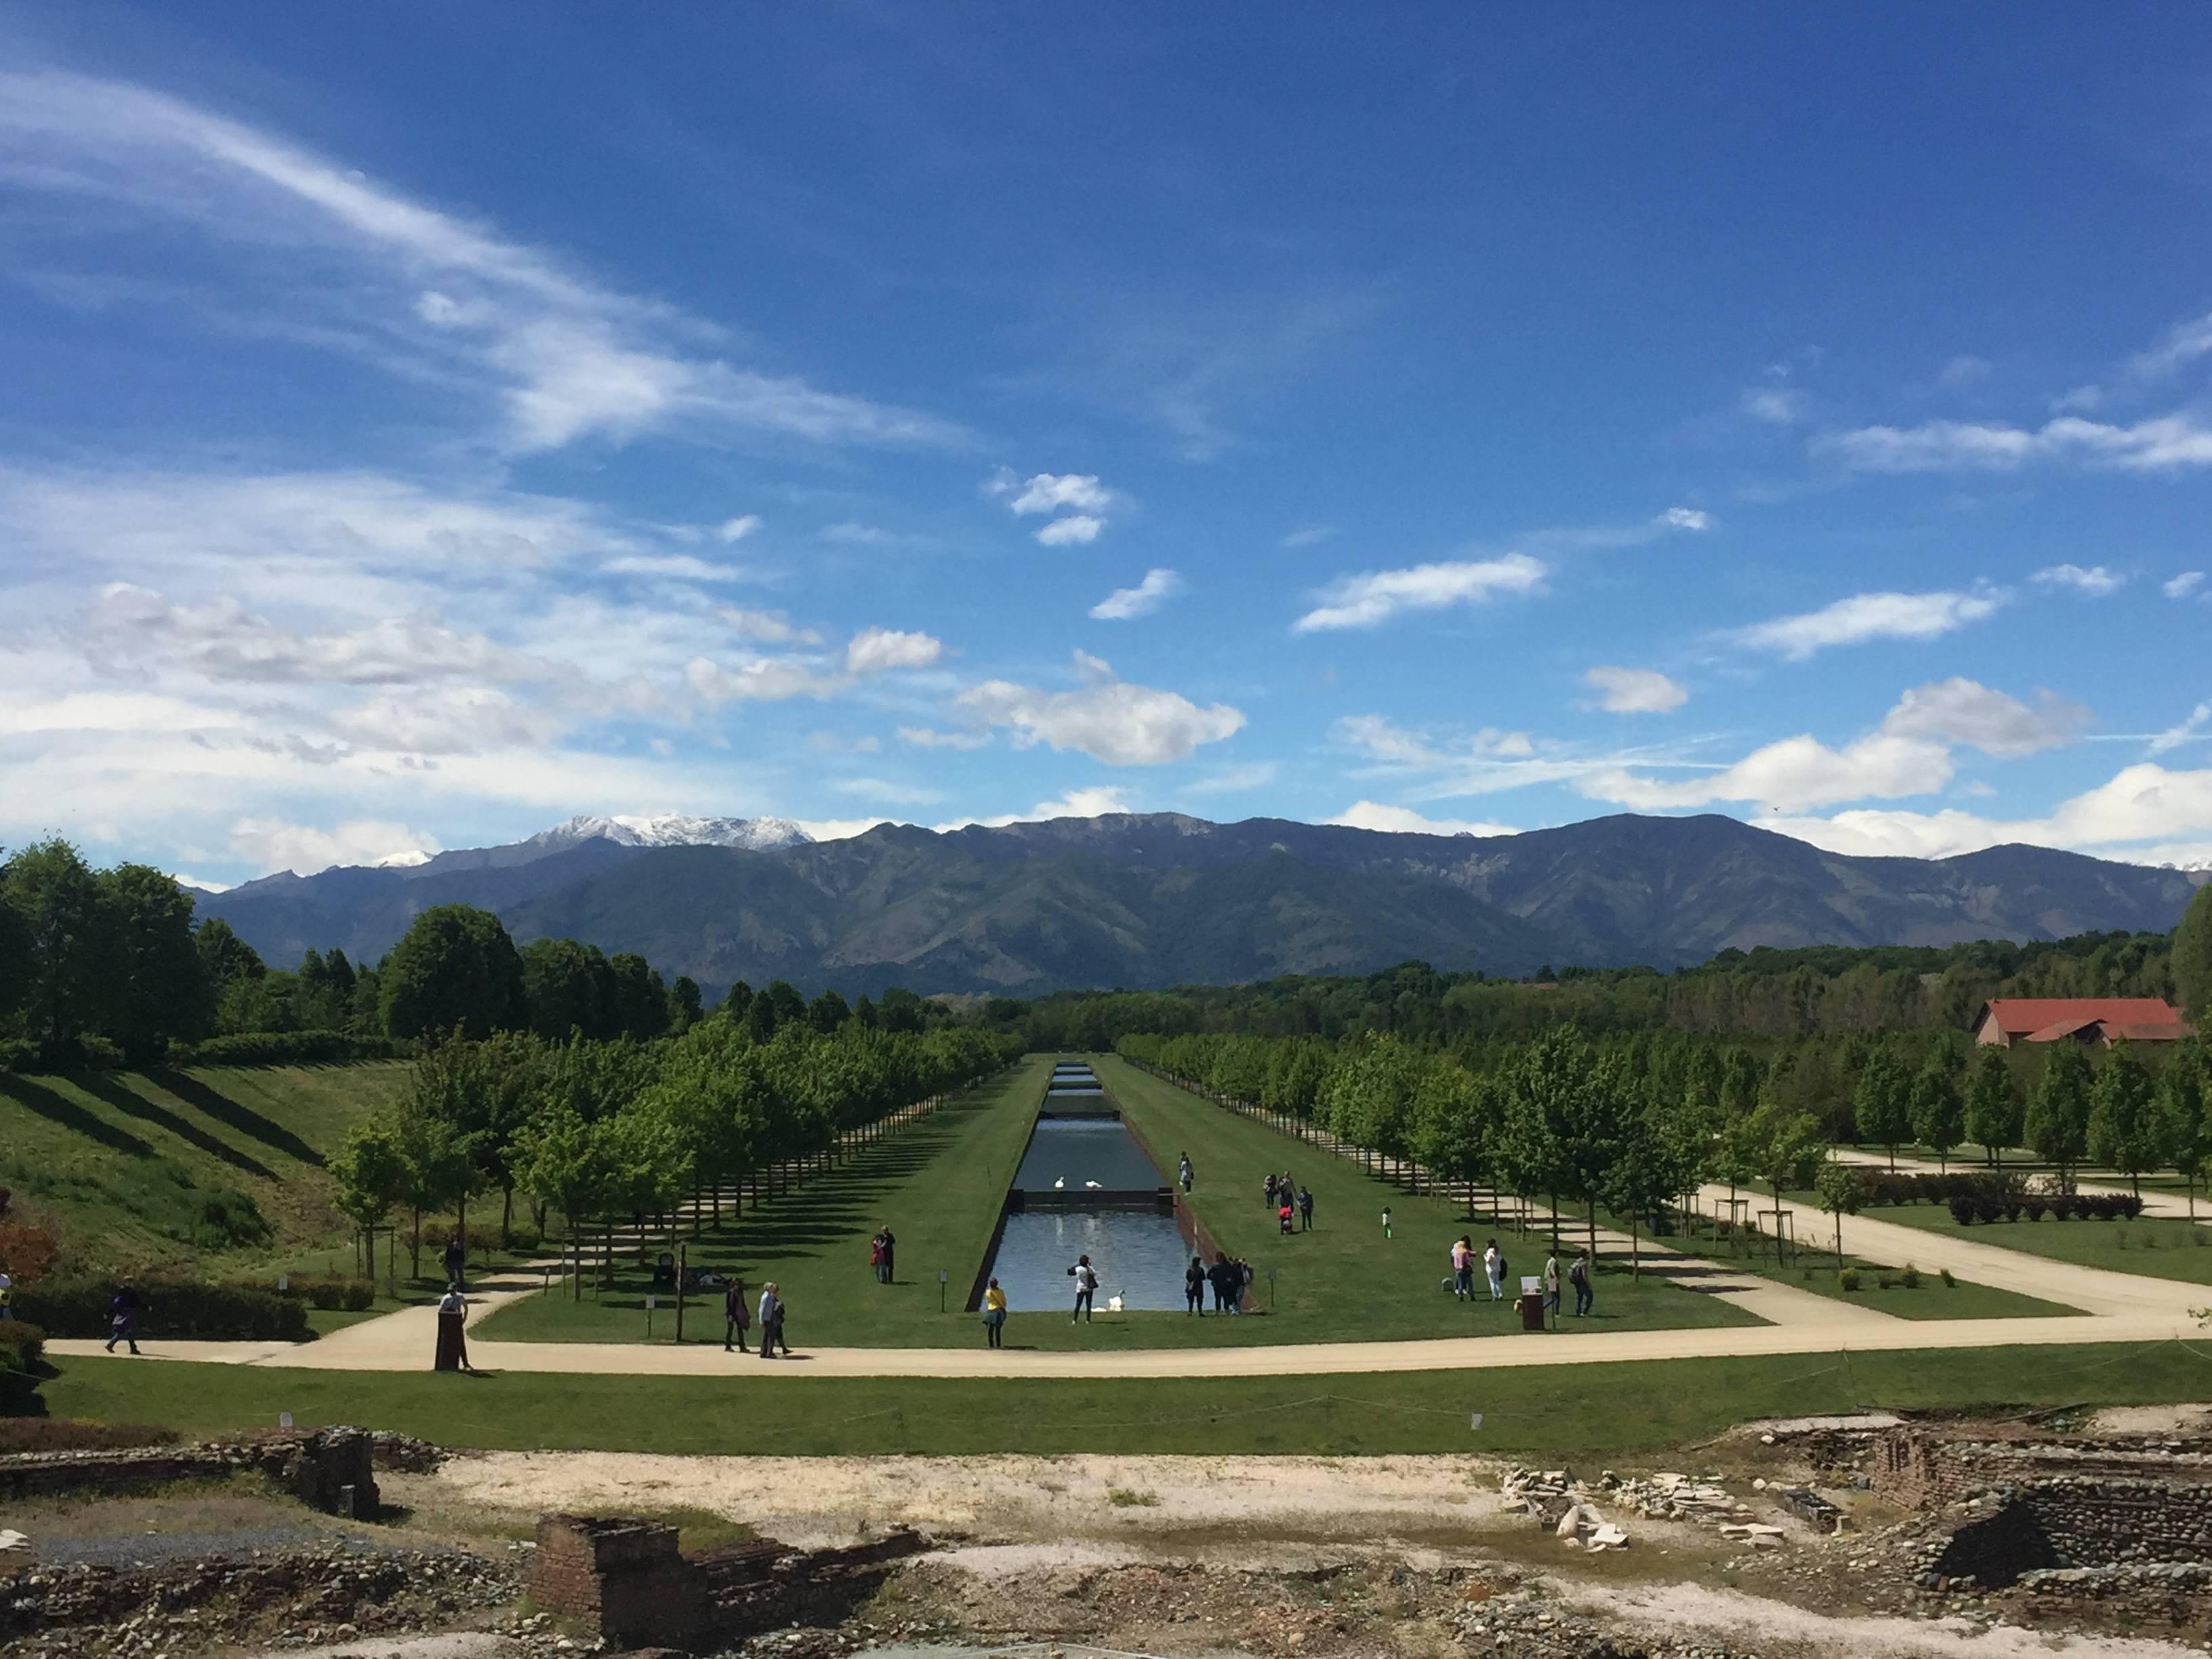 Photo 2: Turin l'oubliée ! Replendissante au travers de ses palaces, montagnes et arcades